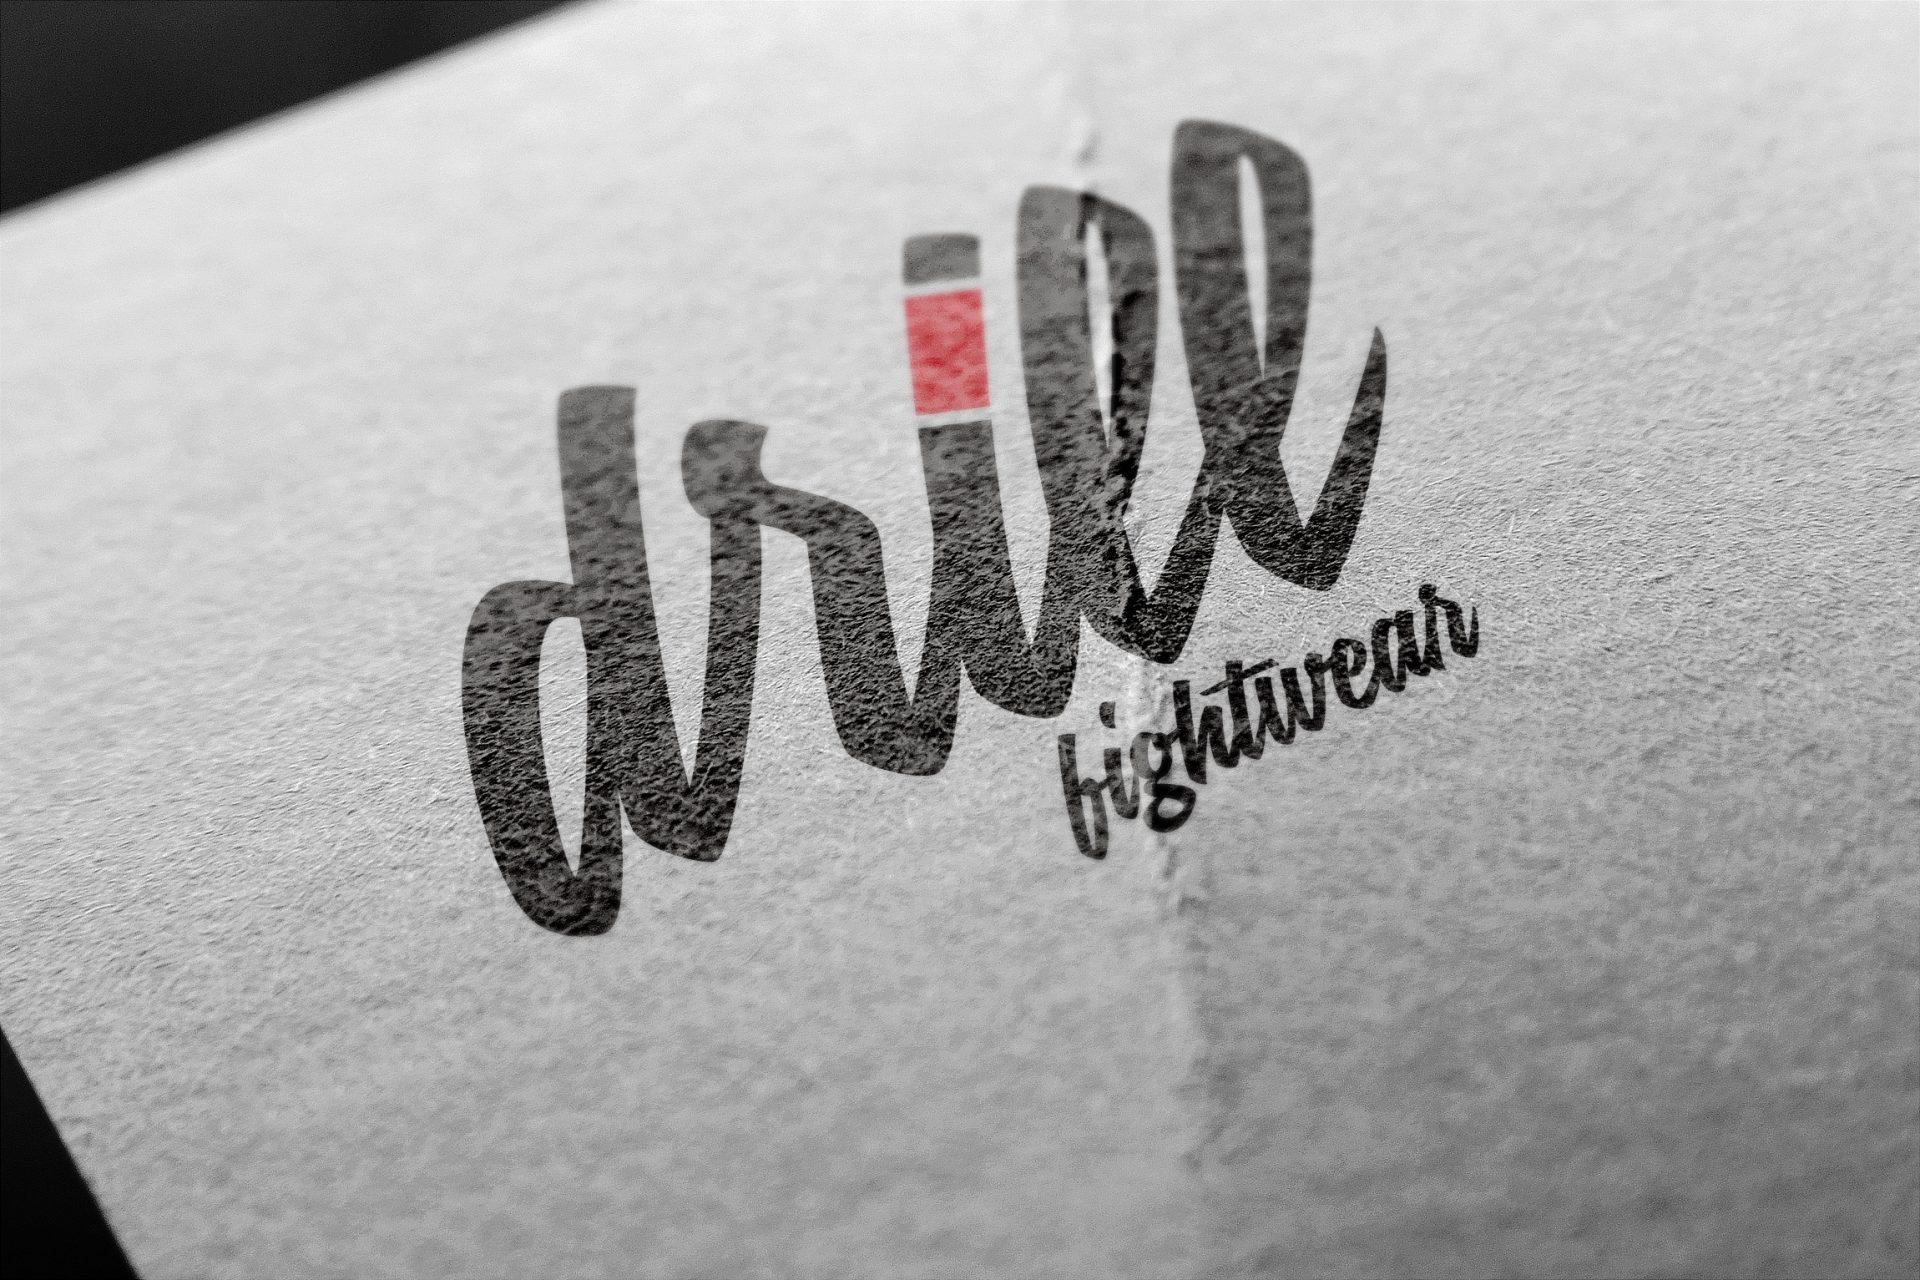 DRILL FIGHTWEAR